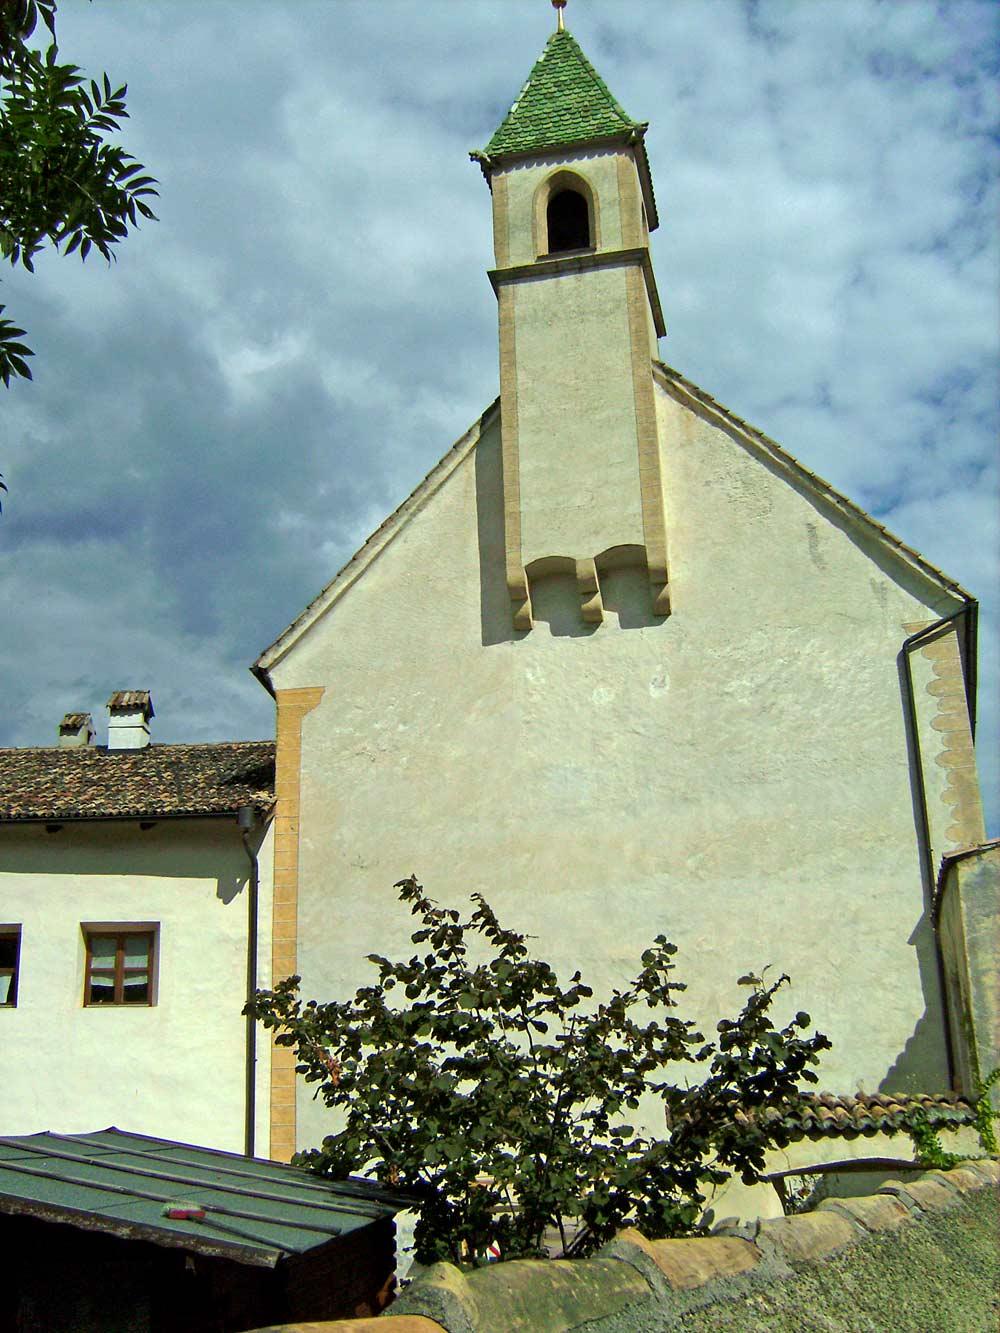 Spitalkirche zum Heiligen Geist in Latsch